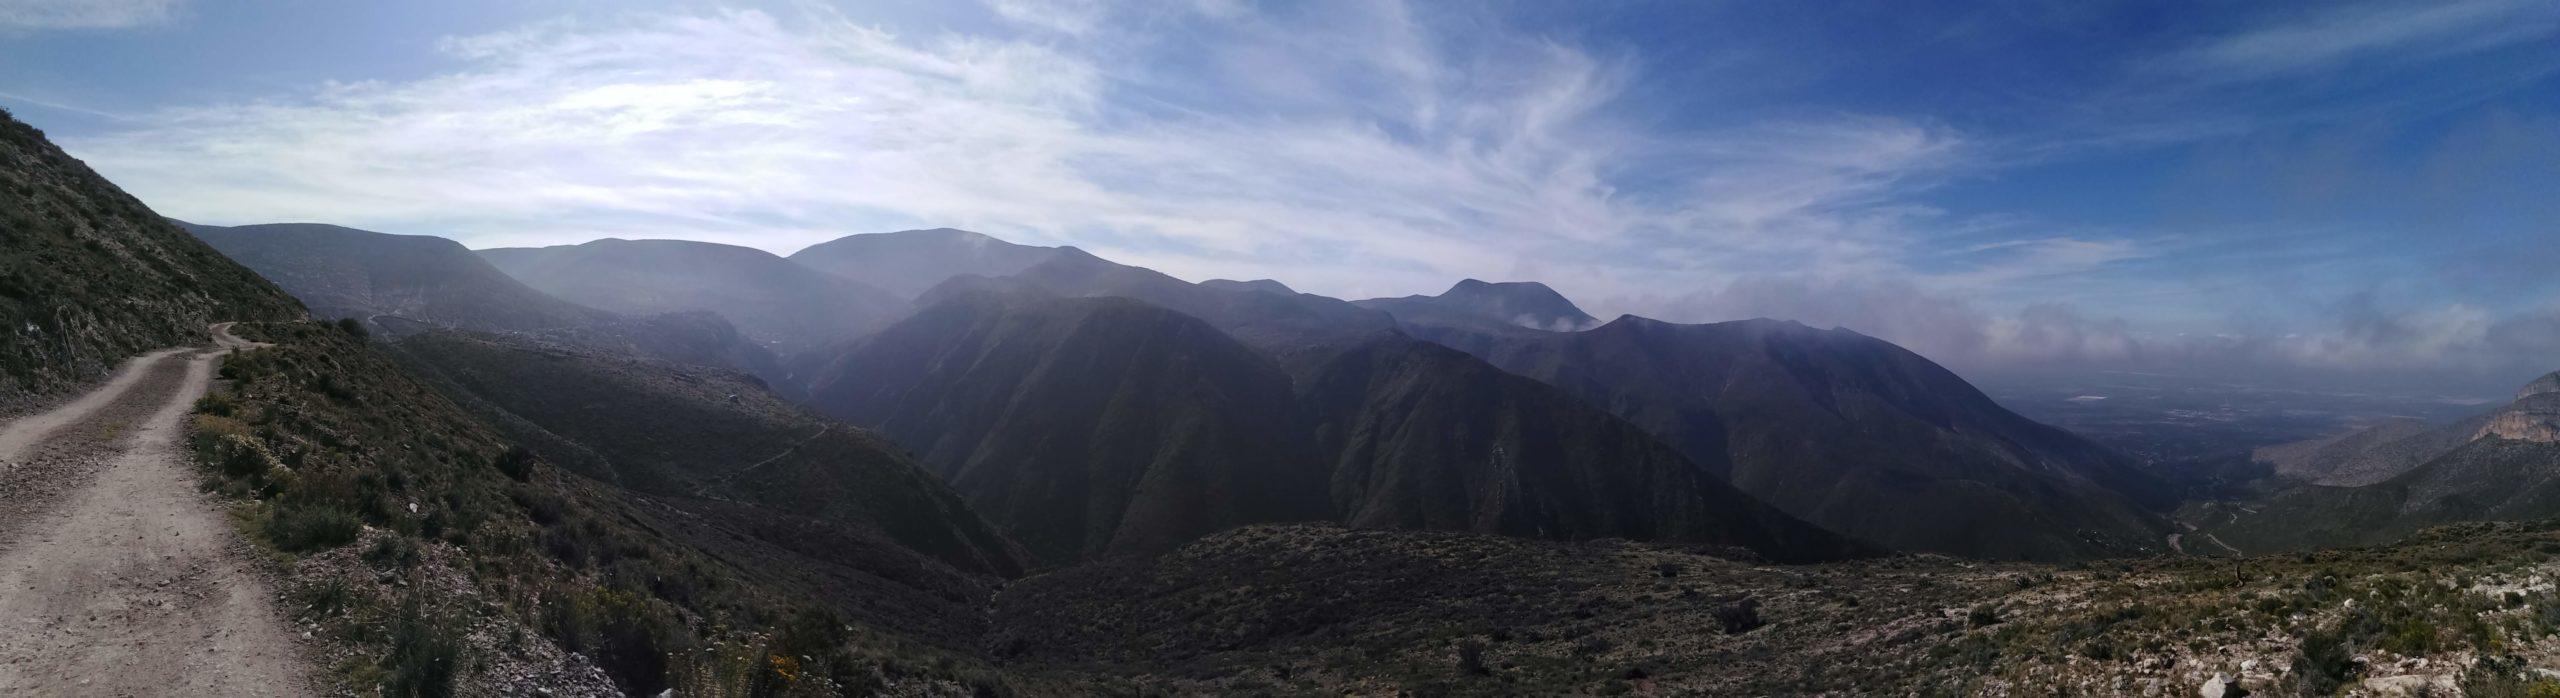 Rodando entre minas cerros y nubes